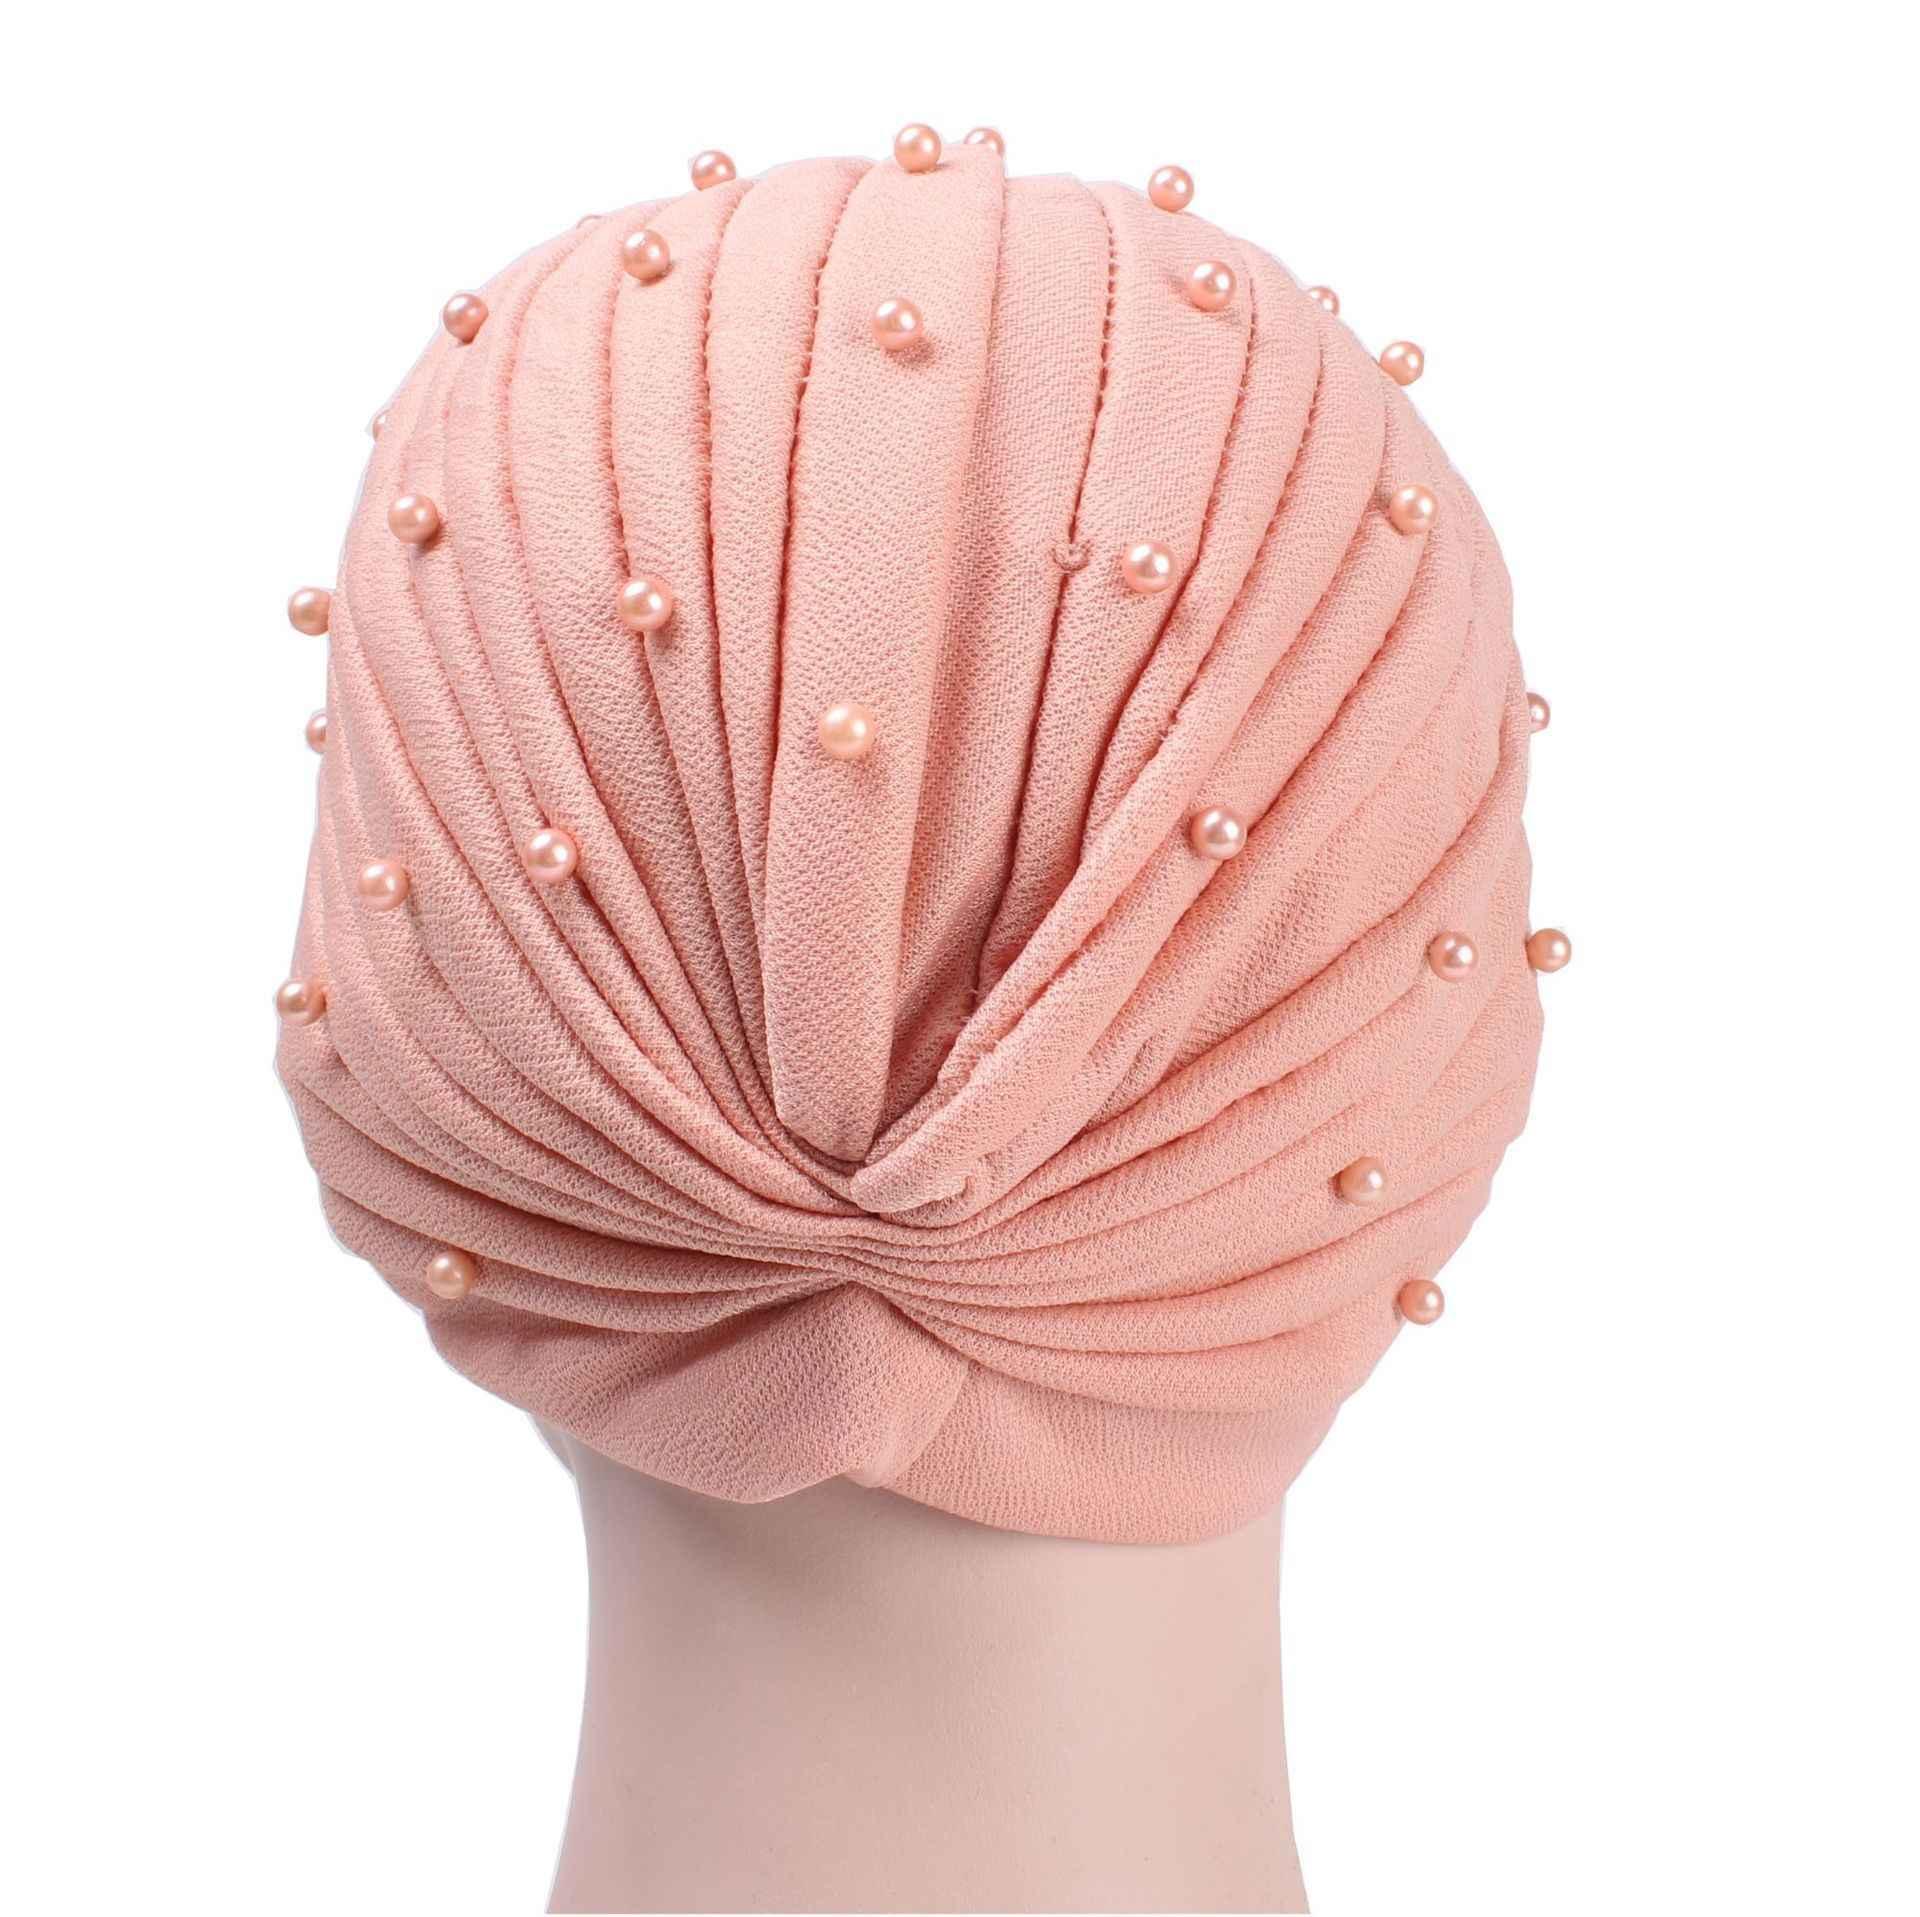 חדש מוסלמי שמלת כיסויי ראש ציפורניים חרוזים קפלים פשוט Headcaps חיג 'אב Caps העבאיה